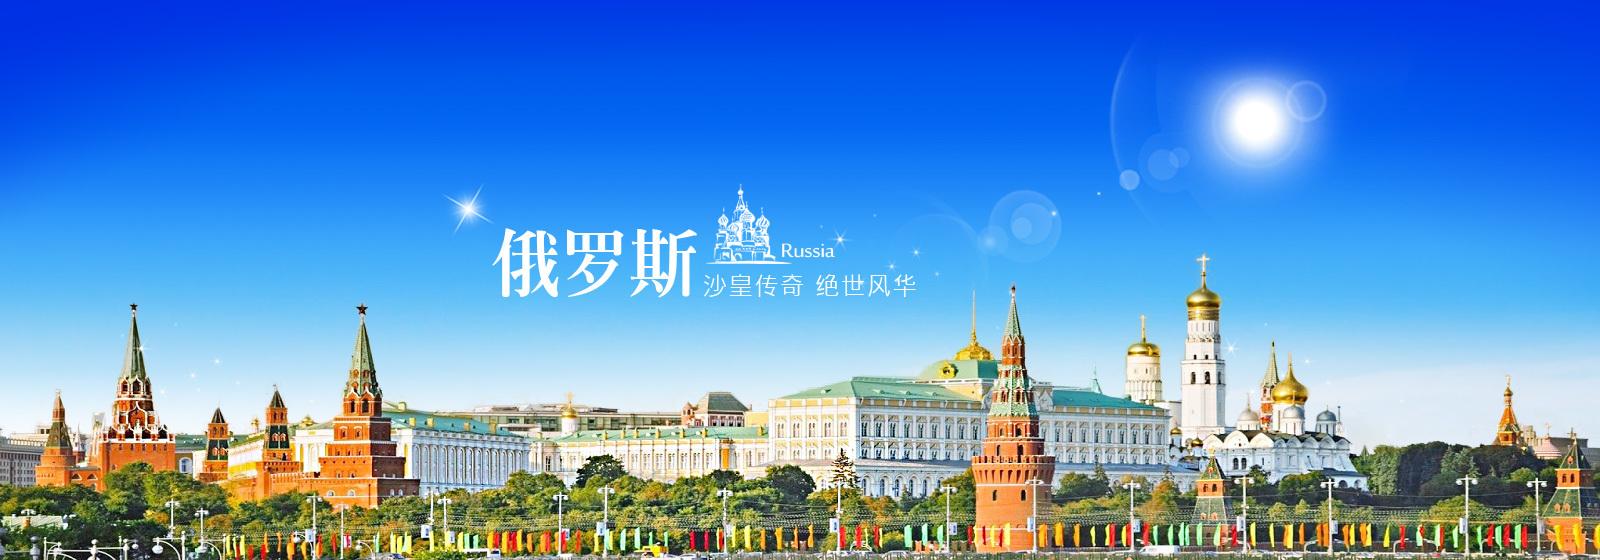 俄罗斯 沙皇传奇 绝世风华